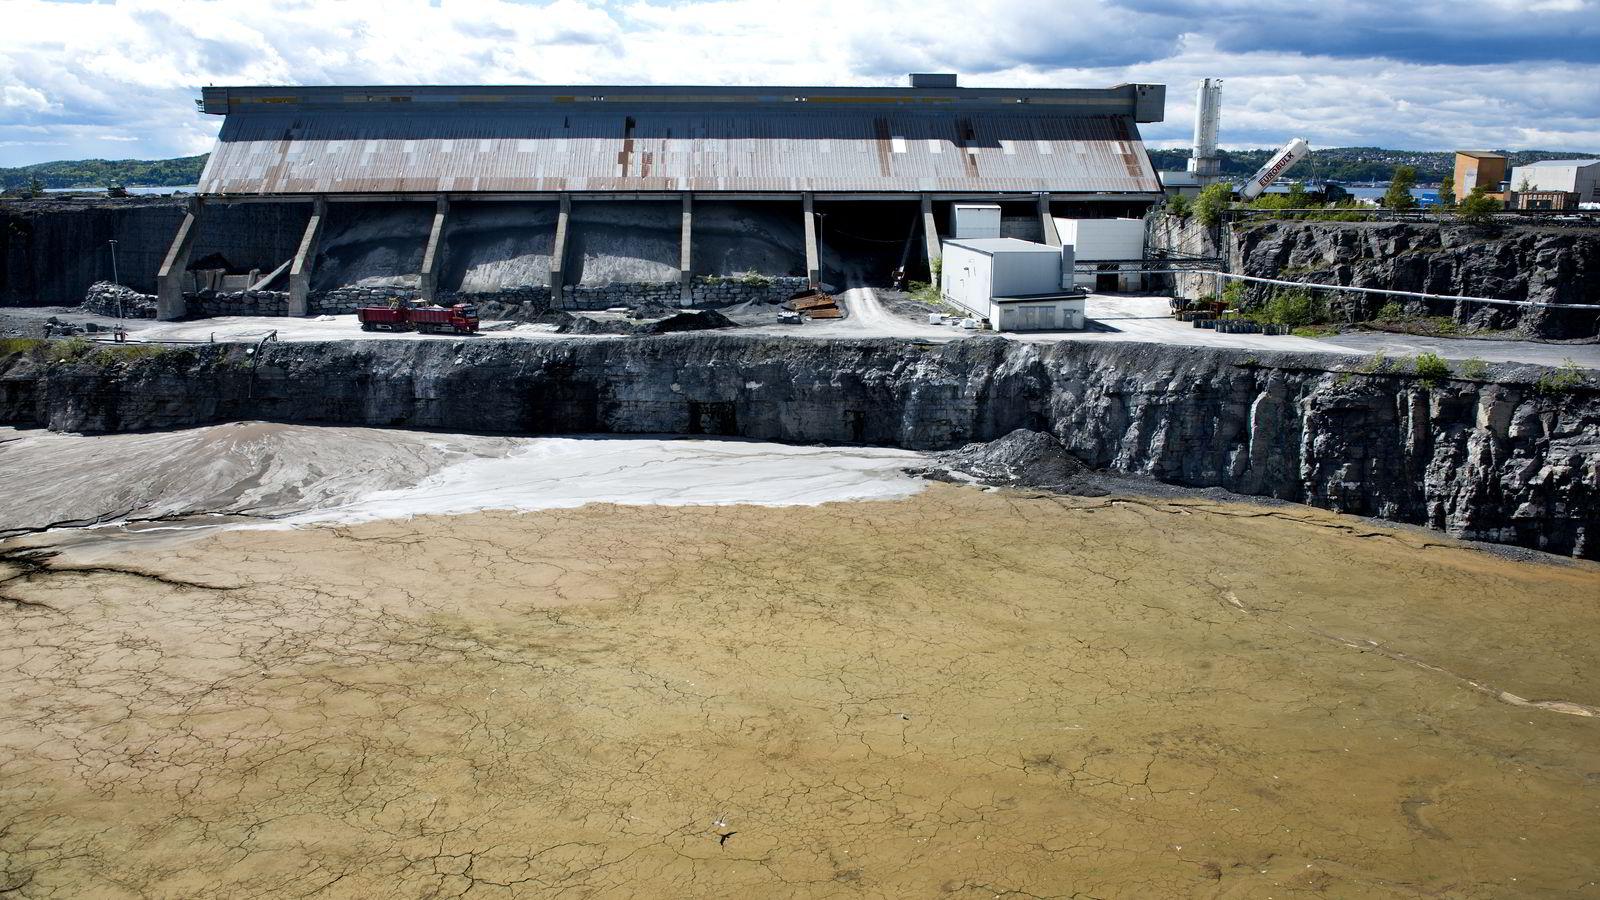 Dagens deponi for farlig avfall på Langøya er snart fylt opp, skriver artikkelforfatteren.